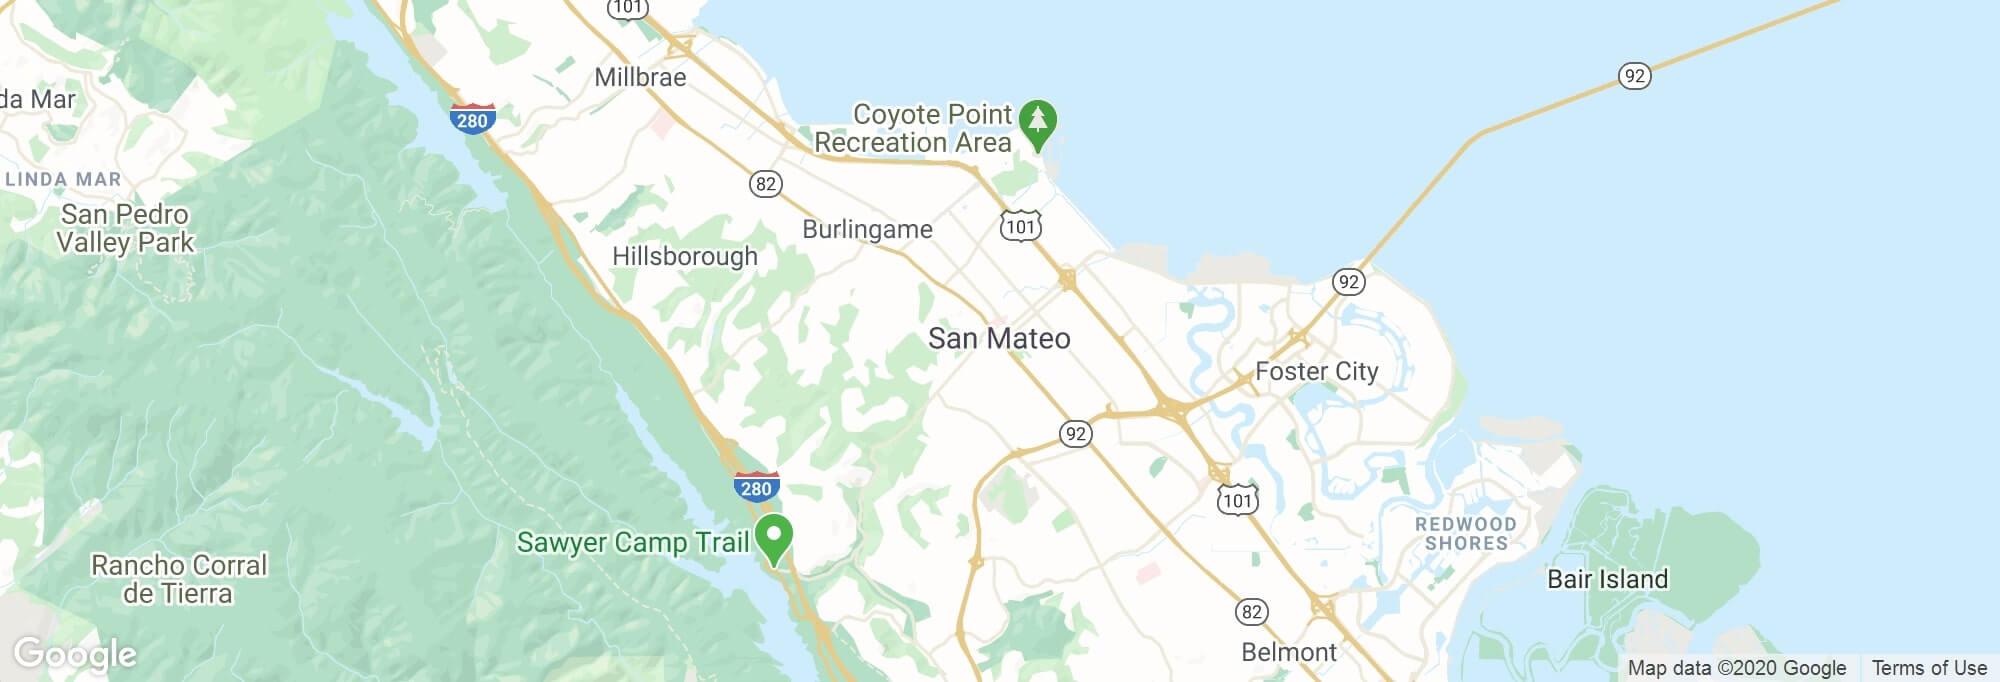 San Mateo city map